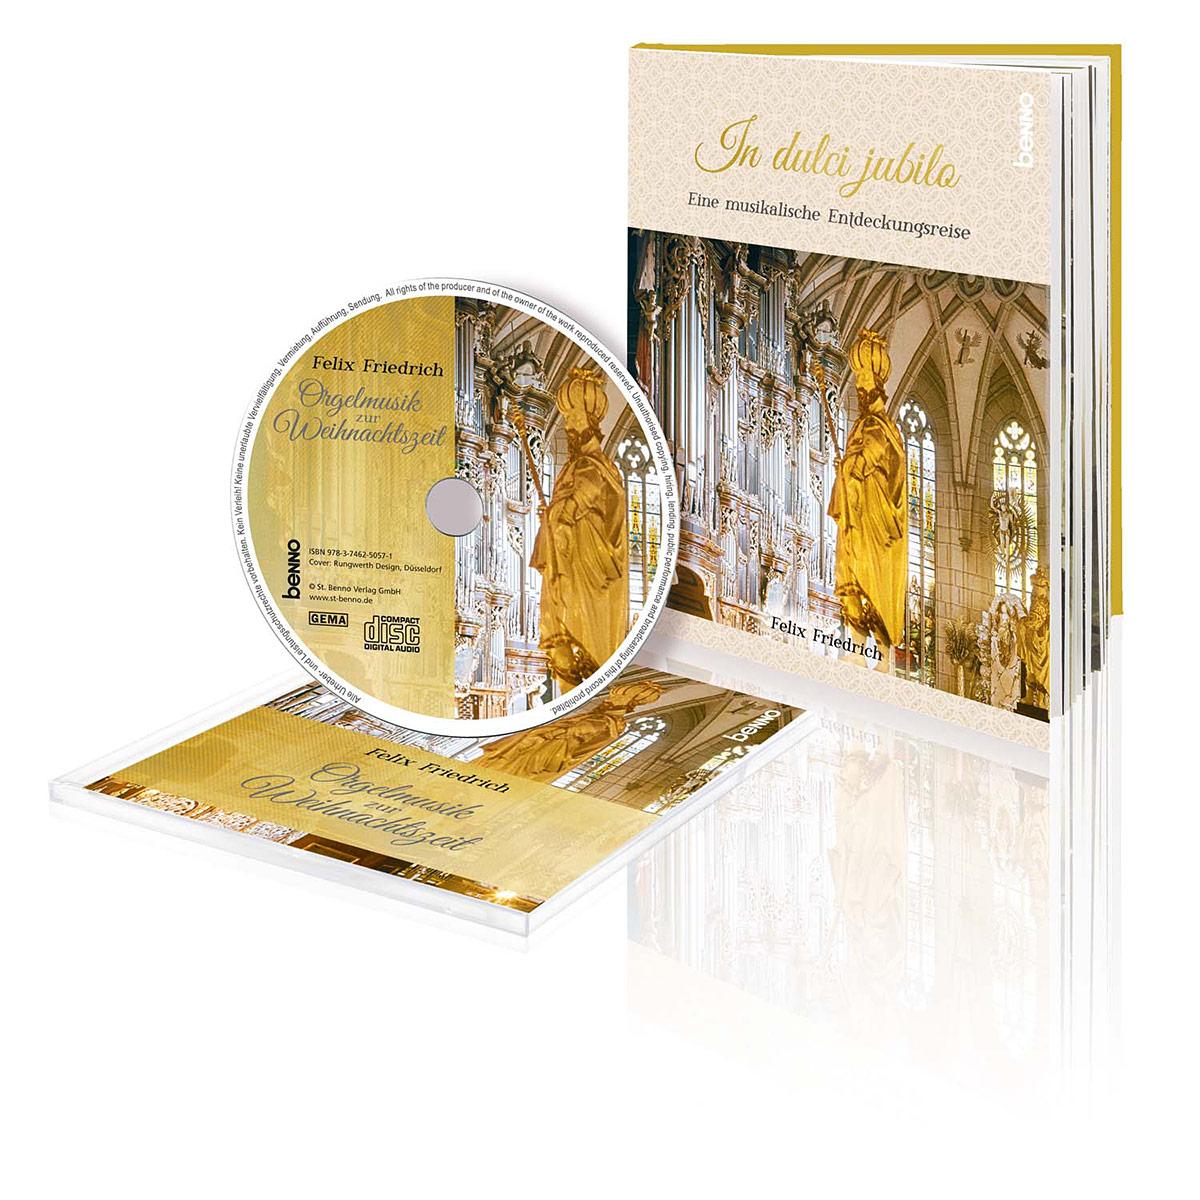 In dulci jubilo : Orgelmusik zur Weihnachtszeit - Felix Friedrich